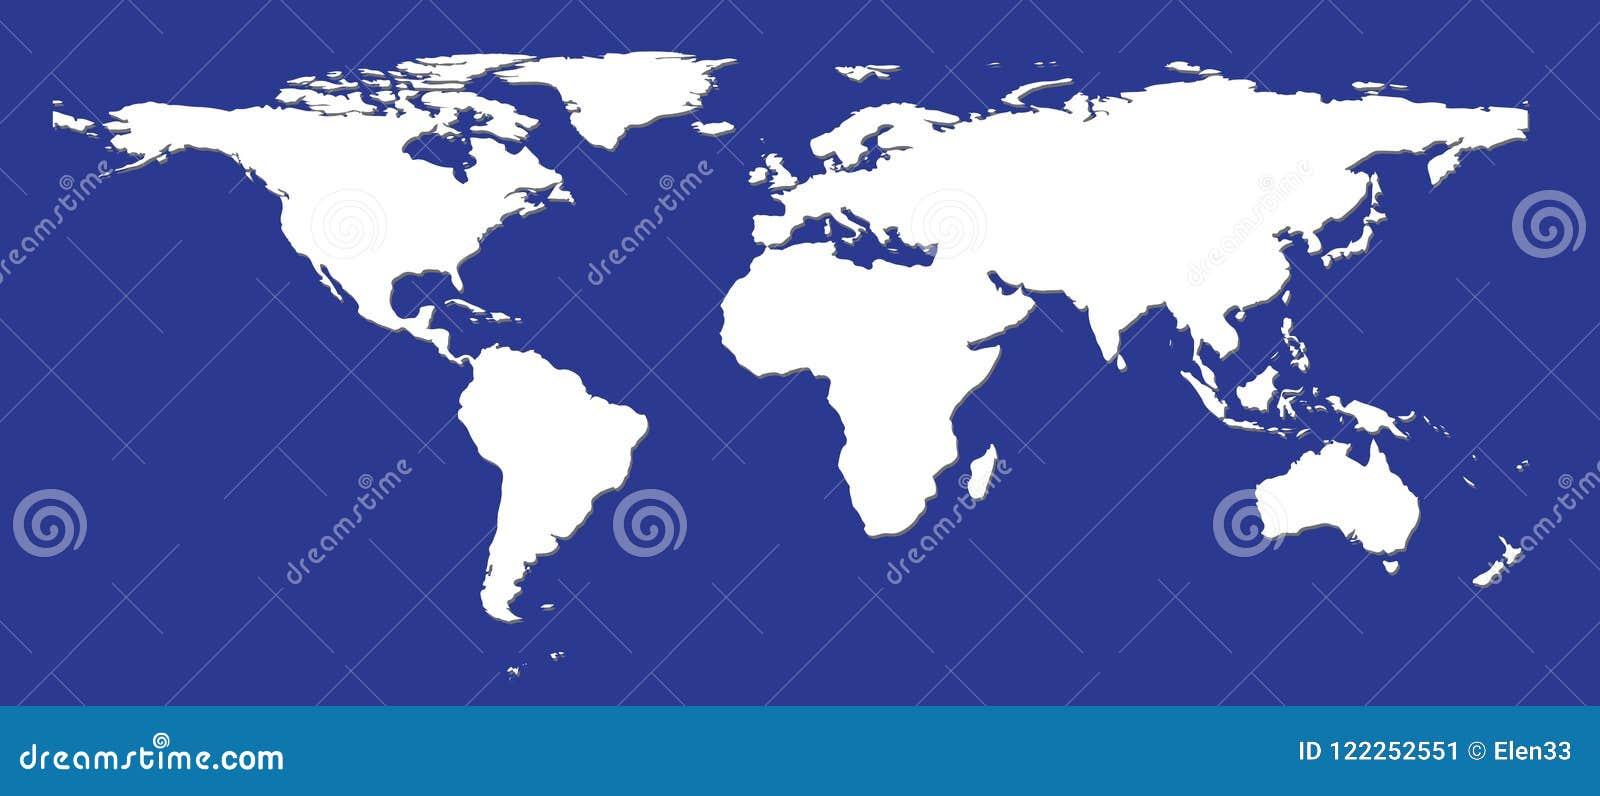 Flat white world map